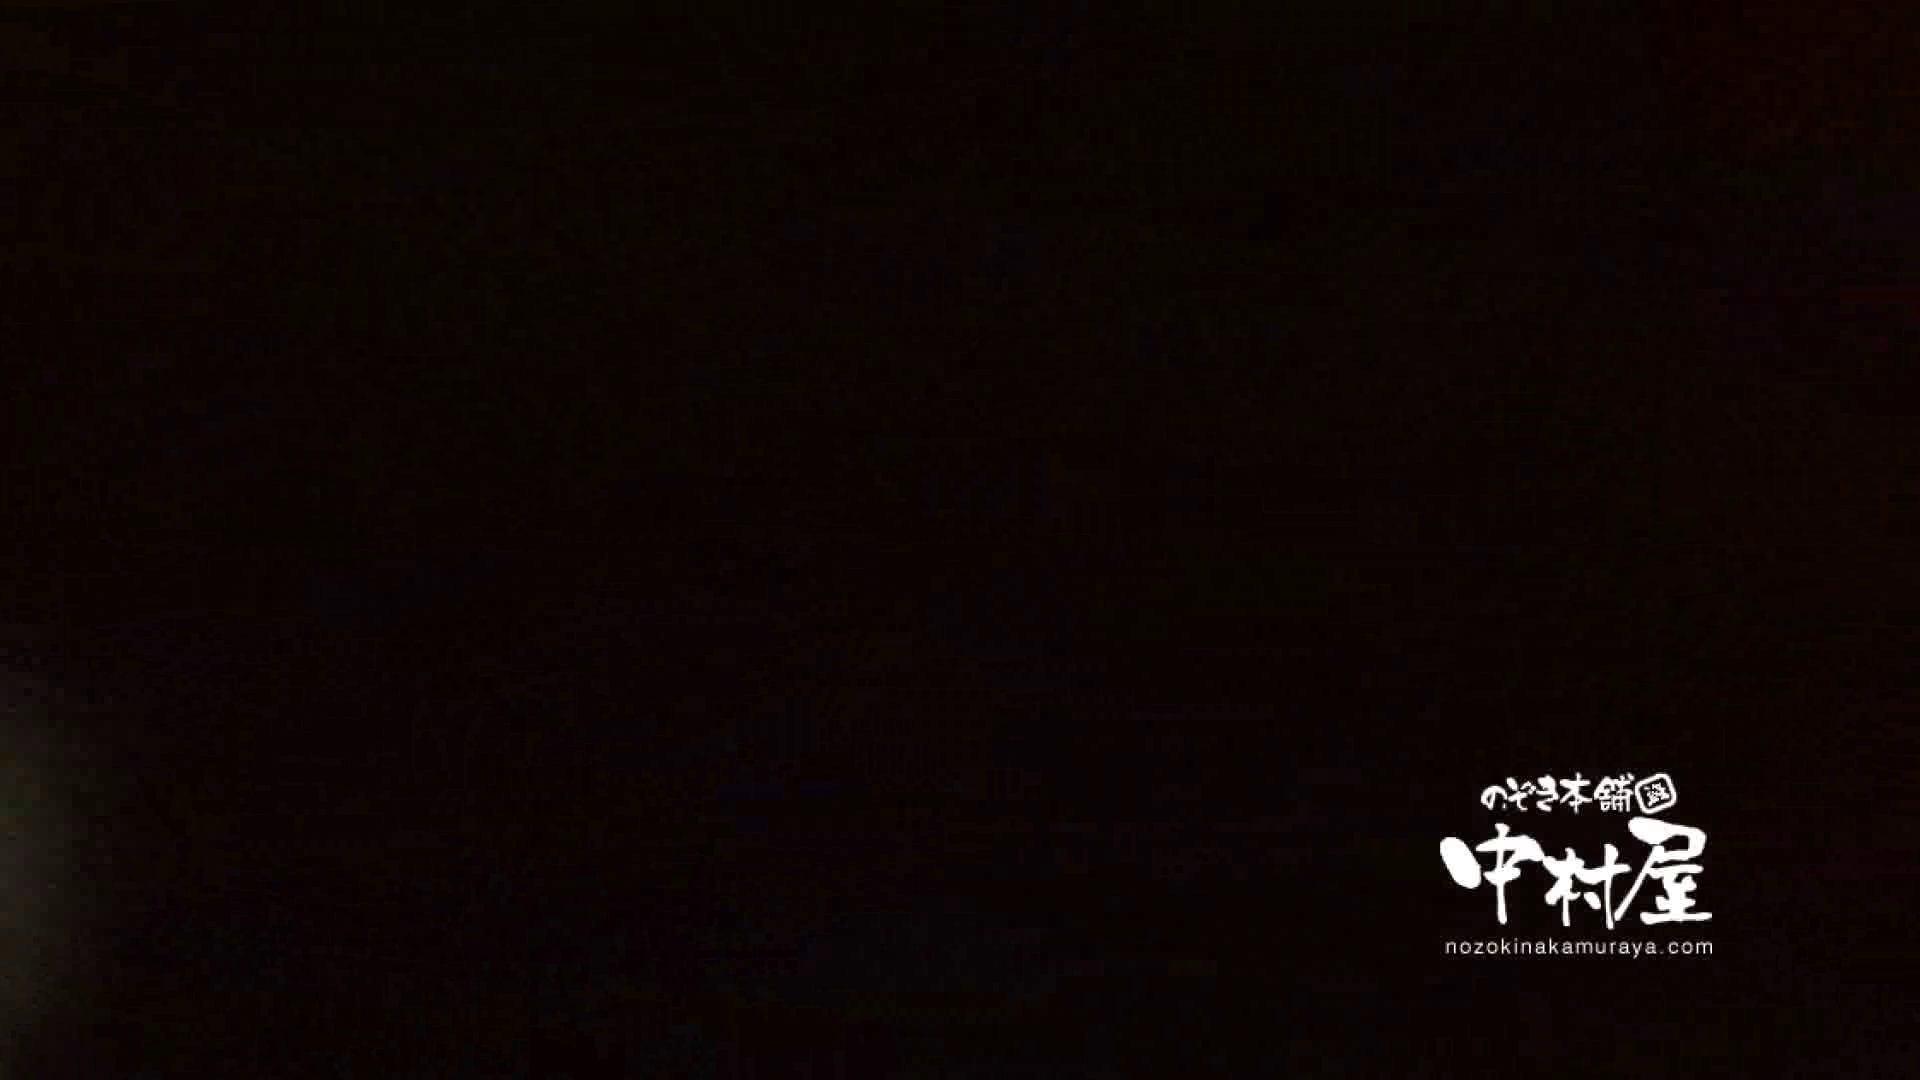 鬼畜 vol.12 剥ぎ取ったら色白でゴウモウだった 前編 OLのエロ生活 | 鬼畜  48連発 25